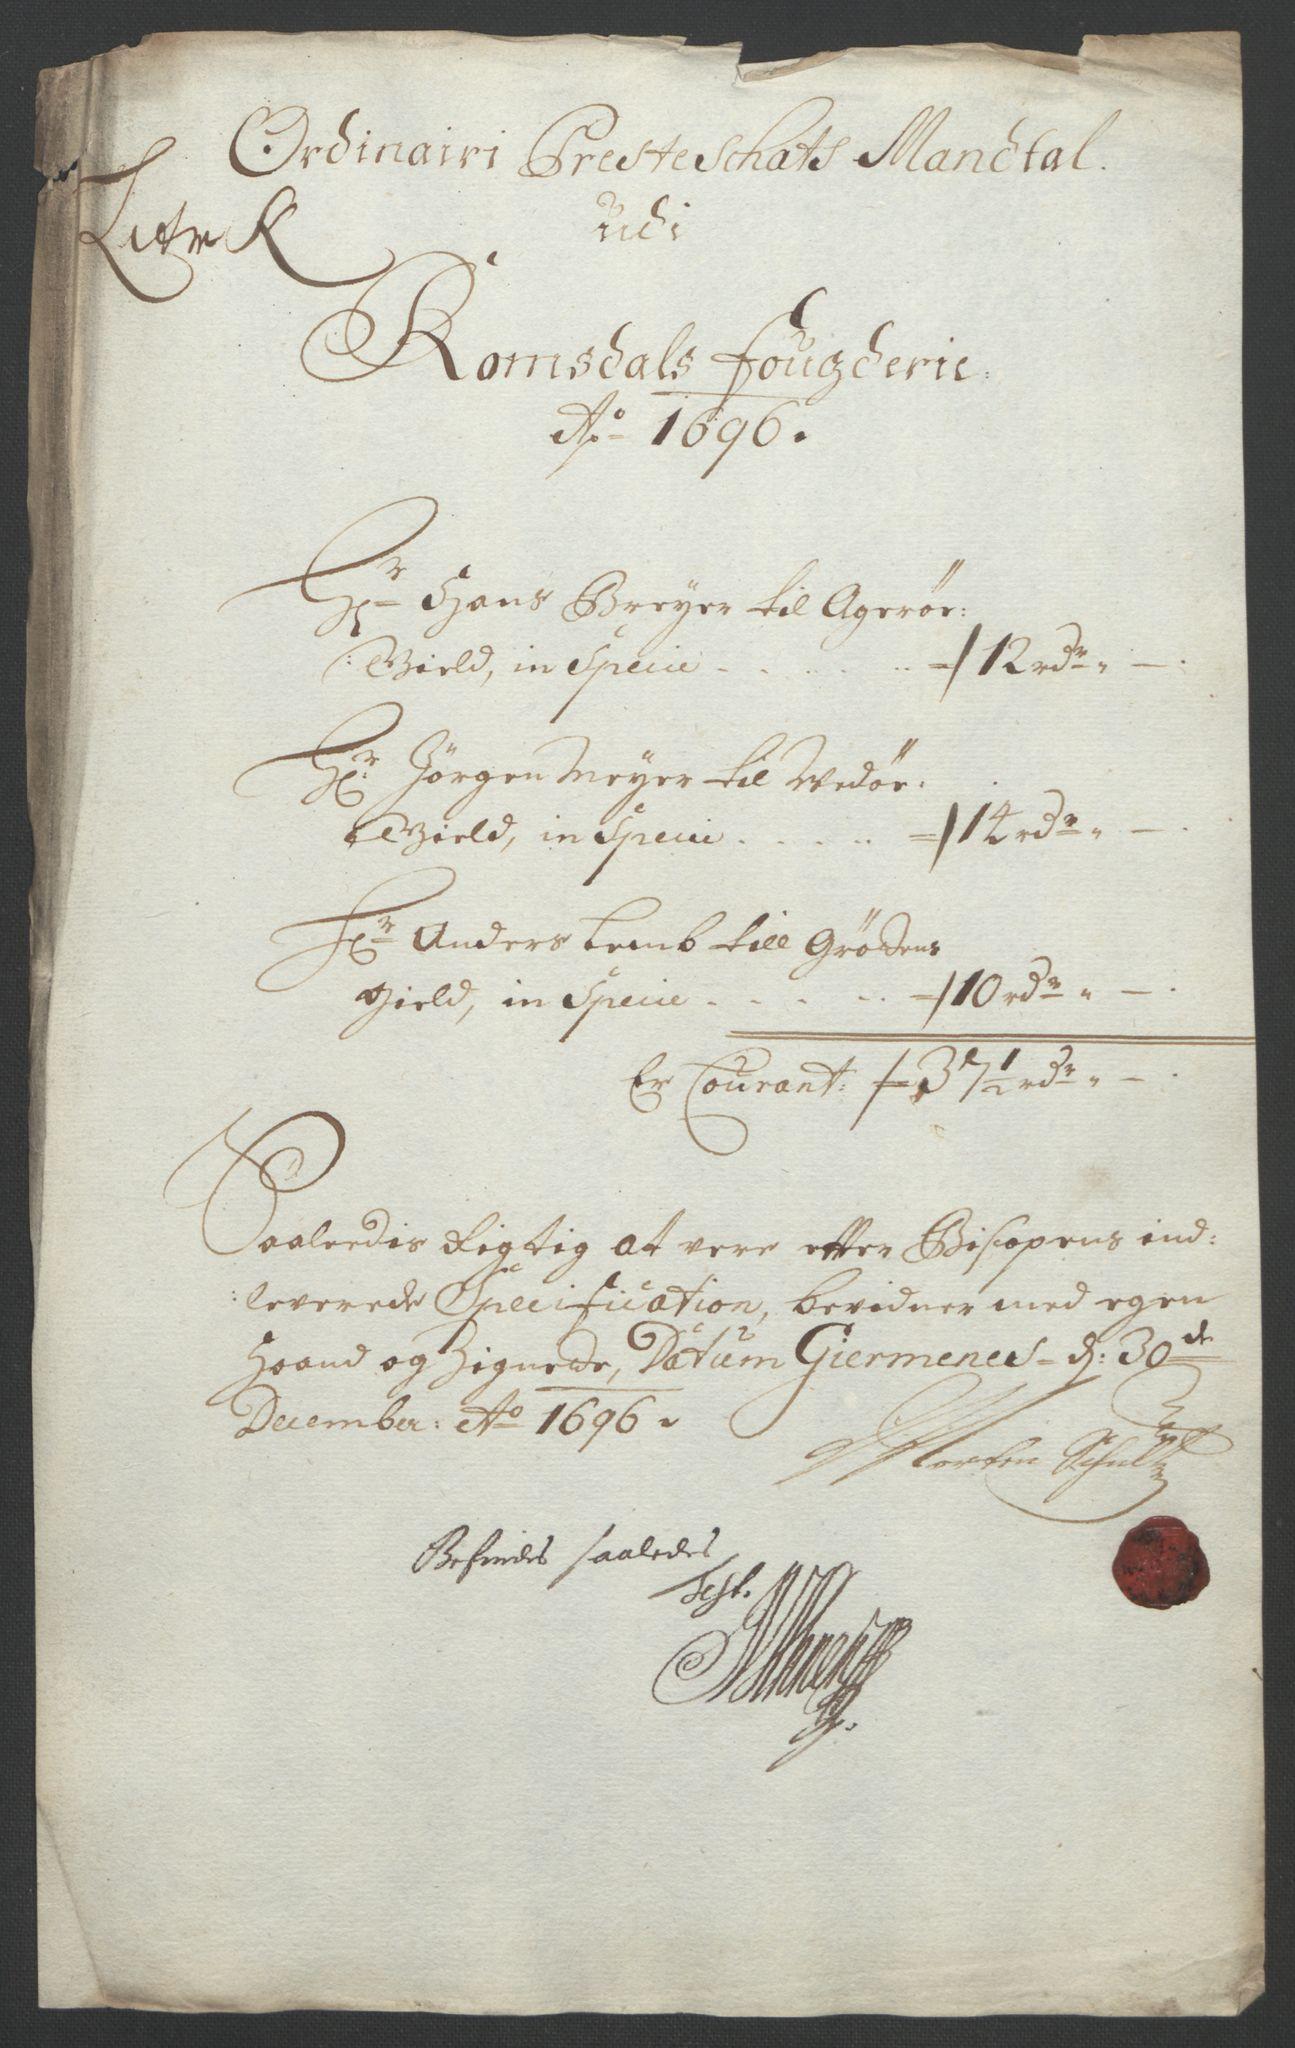 RA, Rentekammeret inntil 1814, Reviderte regnskaper, Fogderegnskap, R55/L3652: Fogderegnskap Romsdal, 1695-1696, s. 256